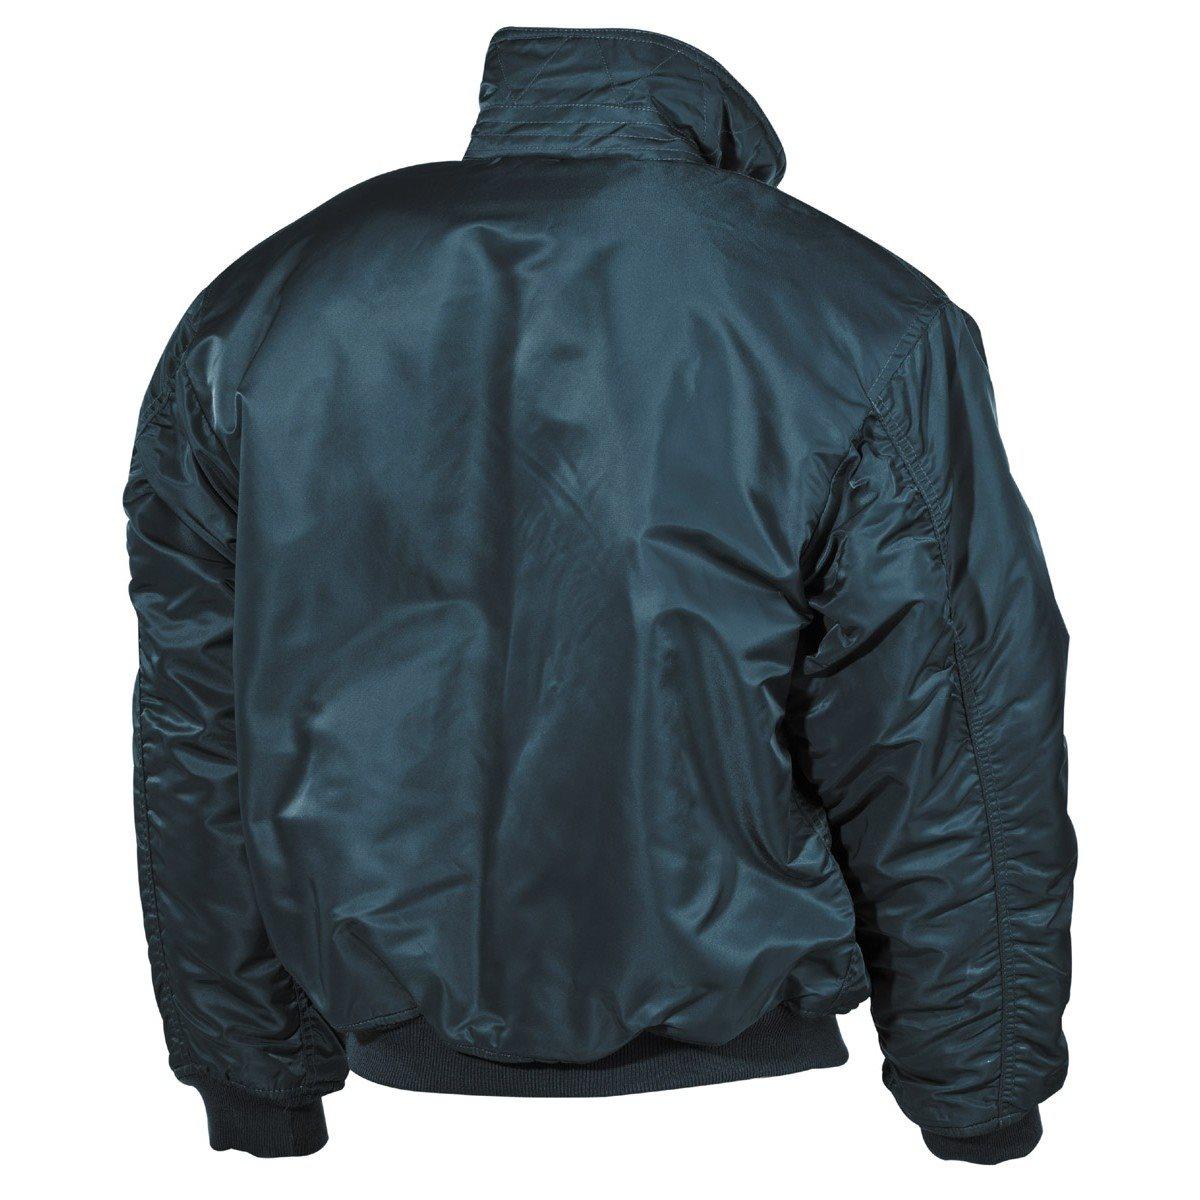 Jacket CWU BLUE MFH int. comp. 03752G L-11